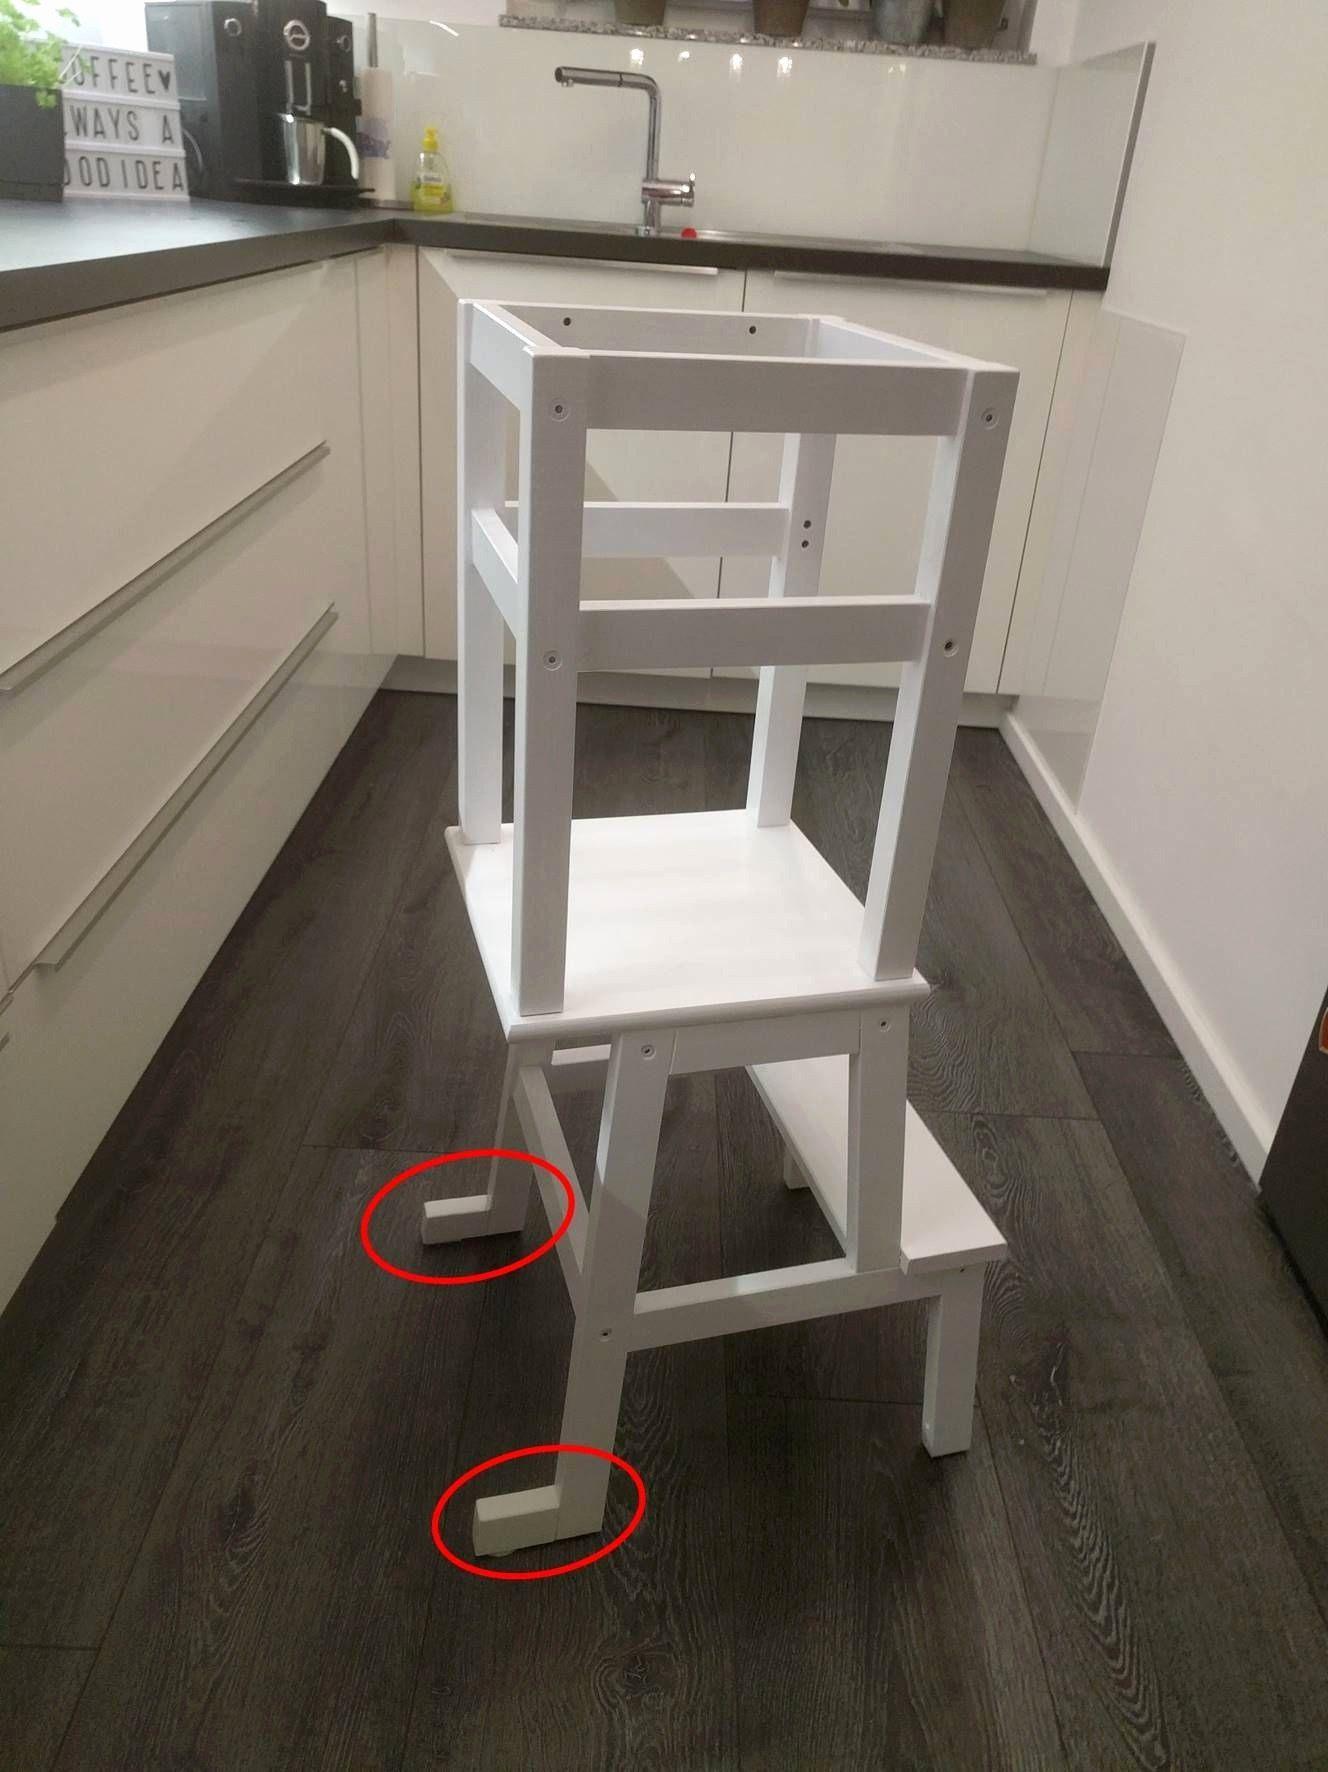 Lit Superposé Avec Rangement Pas Cher Joli Lit Mezzanine Bureau Armoire 20 Beau S De Lit Avec Bureau Ikea